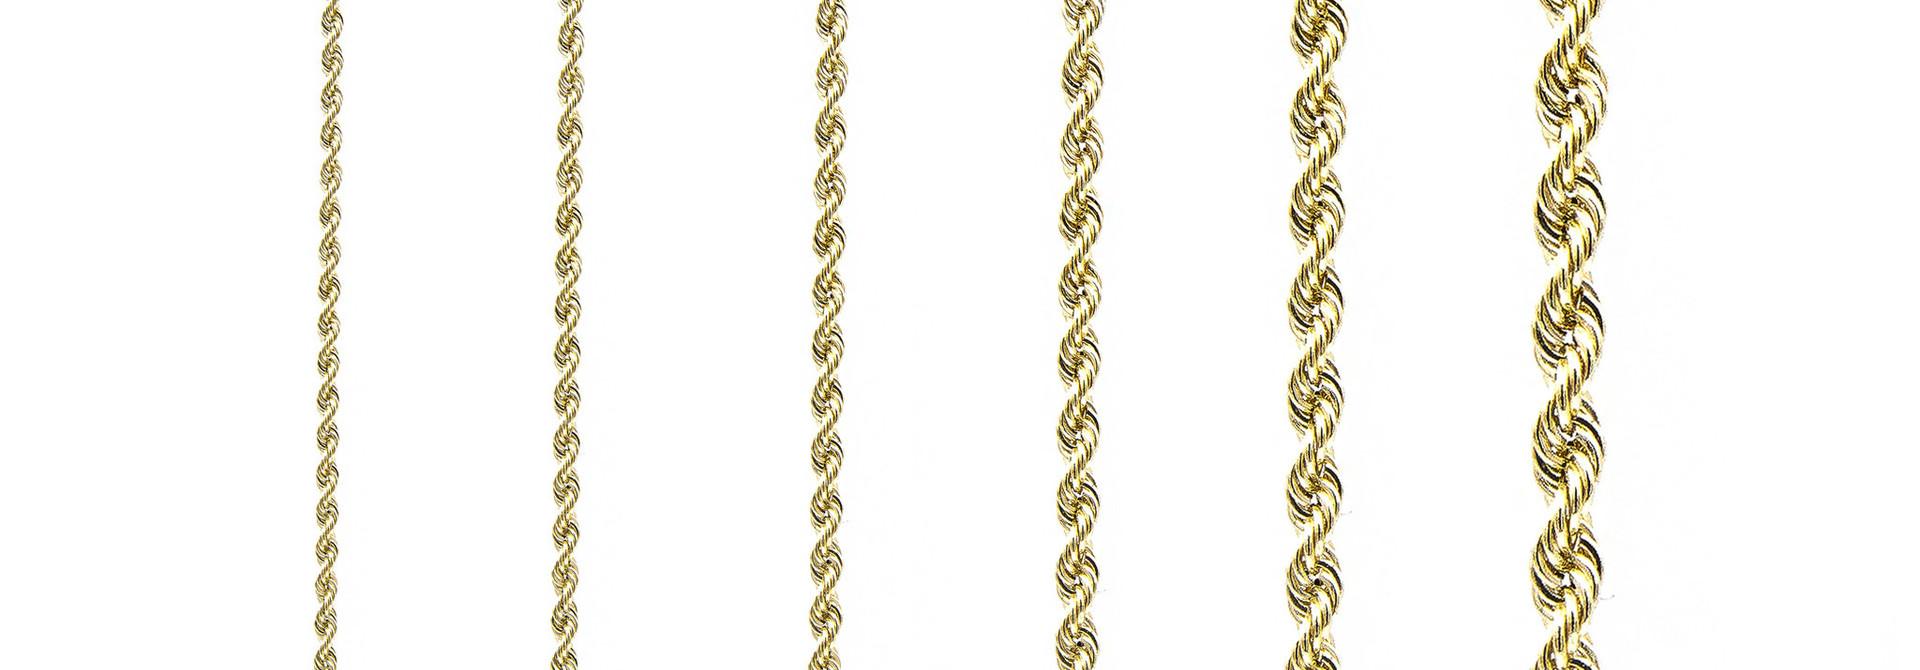 Rope armband Nederlands goud 14kt 3.5mm